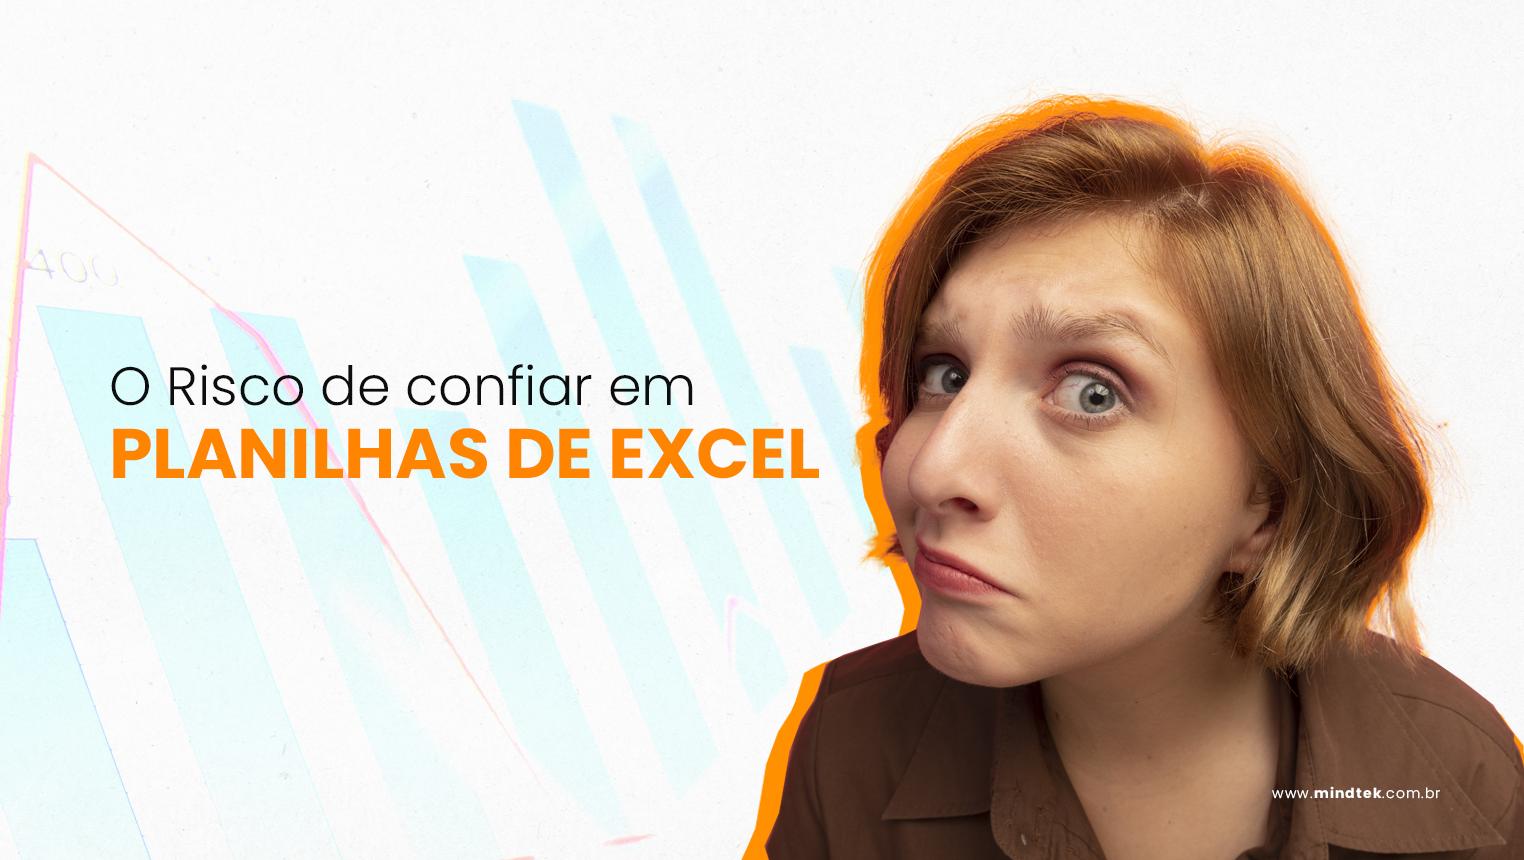 O Risco de confiar em planilhas de Excel